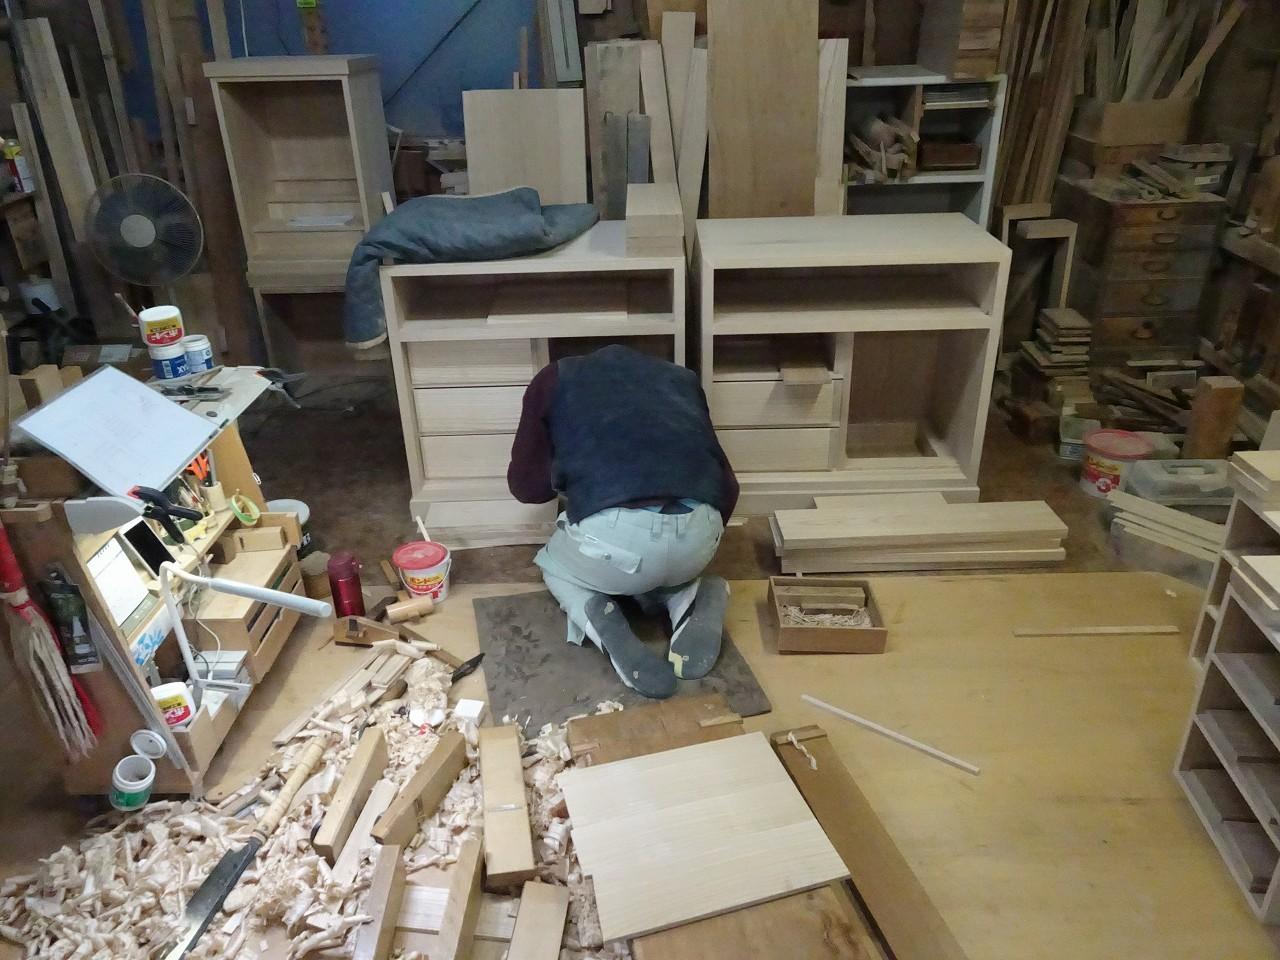 桐たんす屋の社長ブログ 小さな工房だけが作れる日本のこだわりの桐箪笥作り